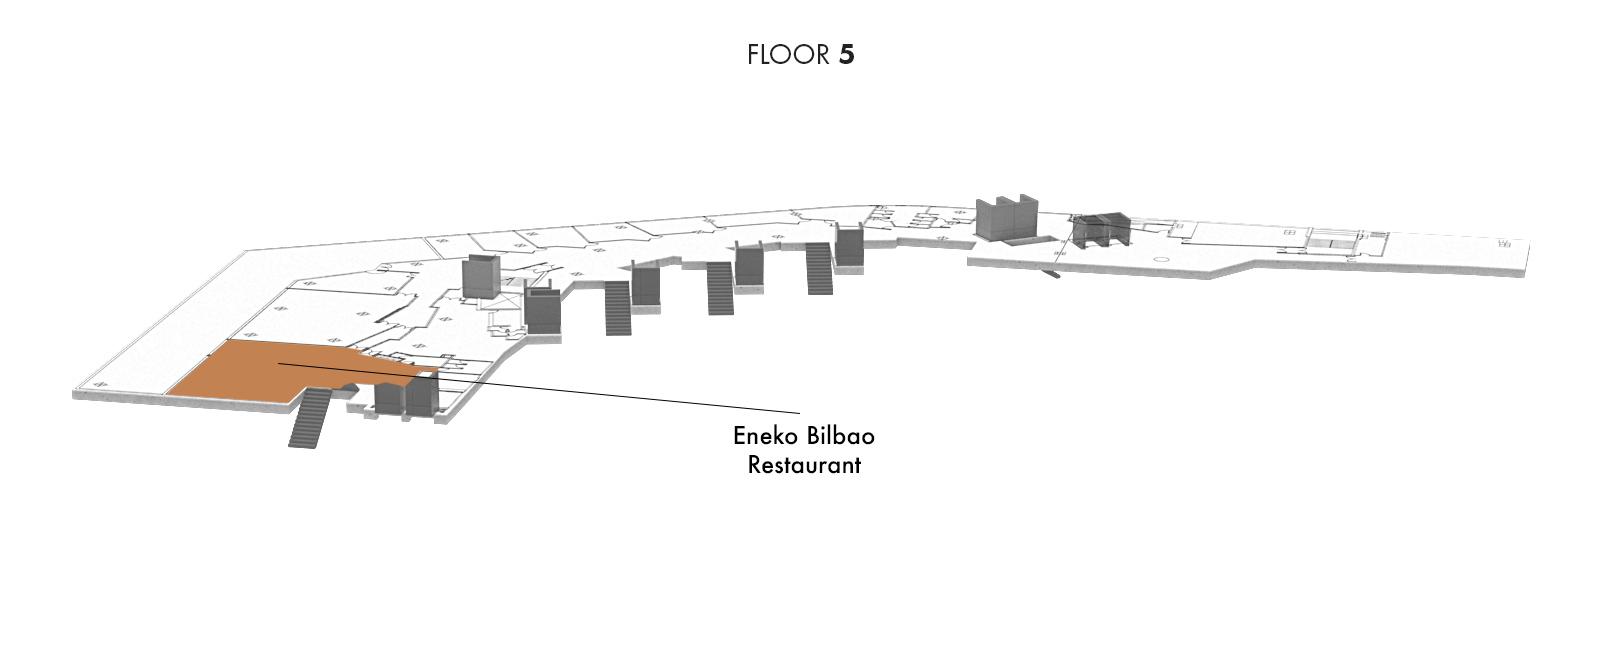 Eneko Bilbao Restaurant, Floor 5   Palacio Euskalduna Jauregia